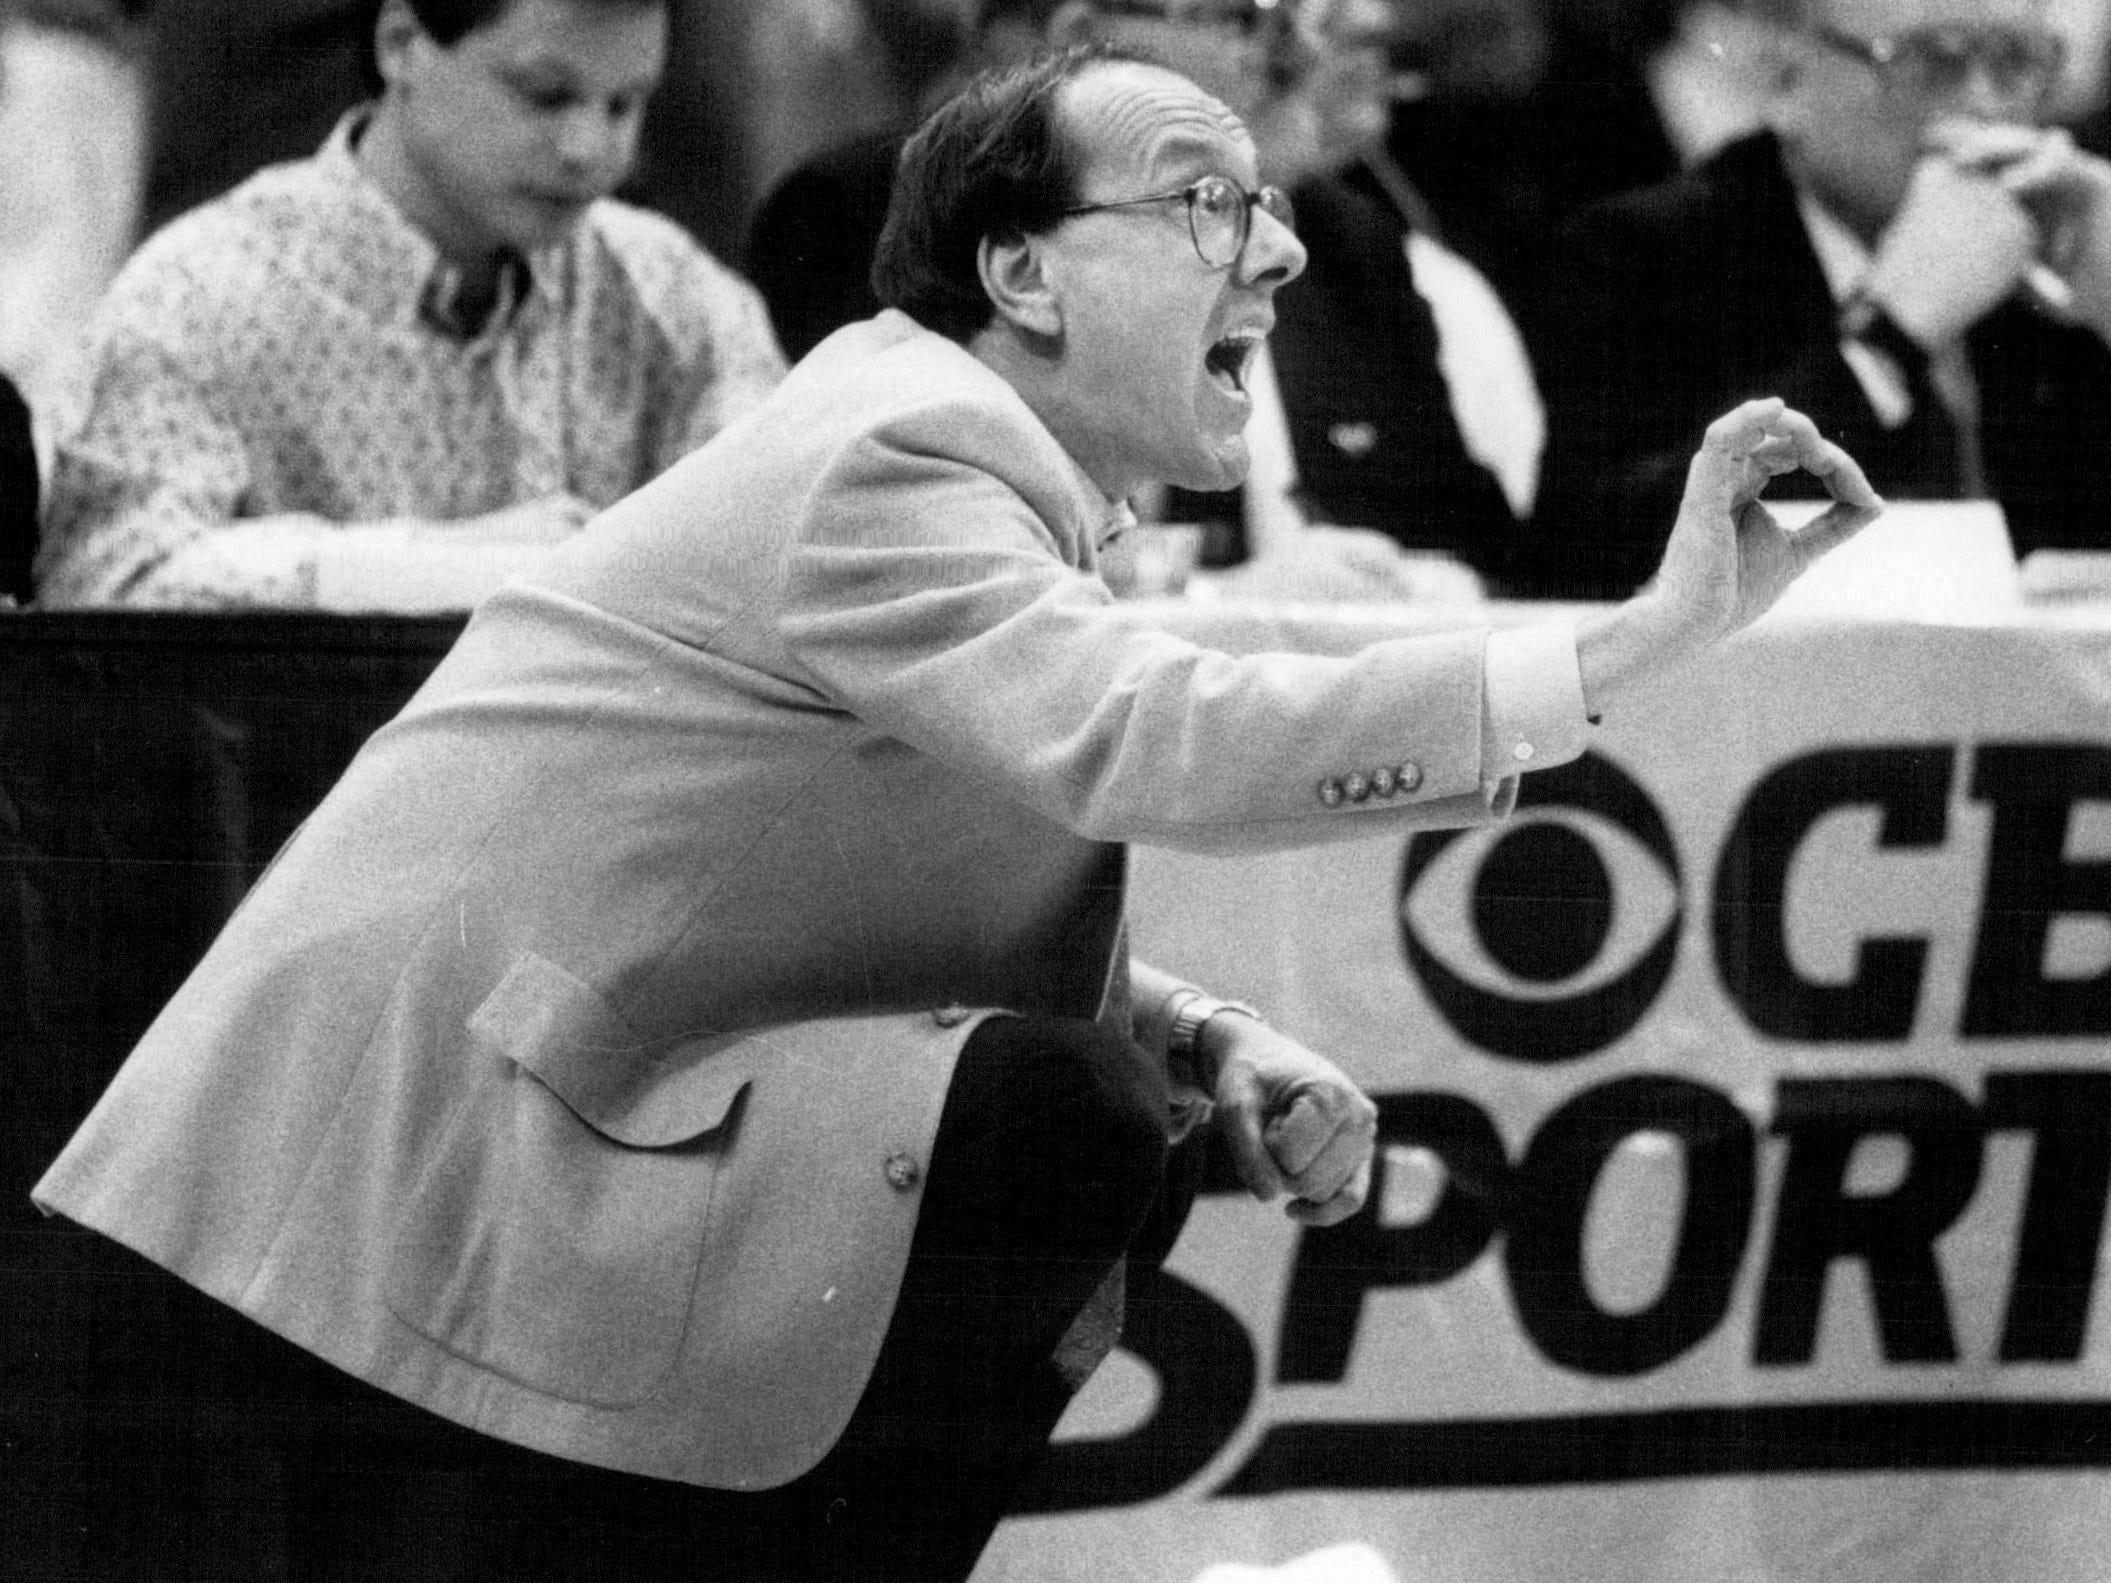 Jim Boeheim coaches Syracuse during a game against Michigan on  Jan. 31, 1988.